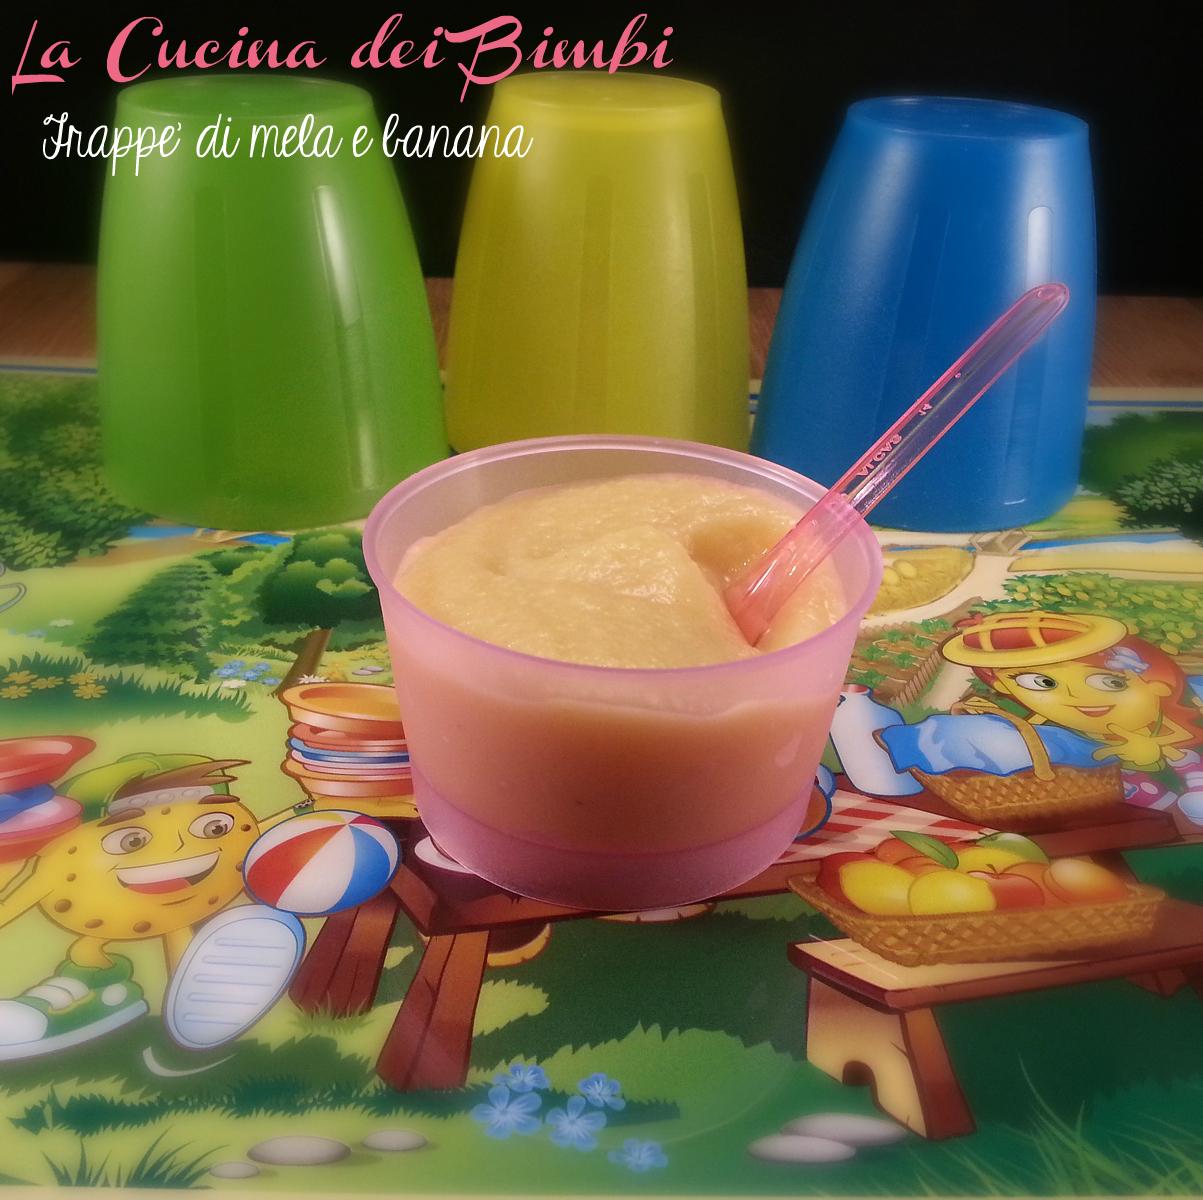 Frappé di mela e banana con biscotti - LA CUCINA DEI BIMBI - BABY FOOD Blog Ricette per Bambini - Copyright © All Rights Reserved